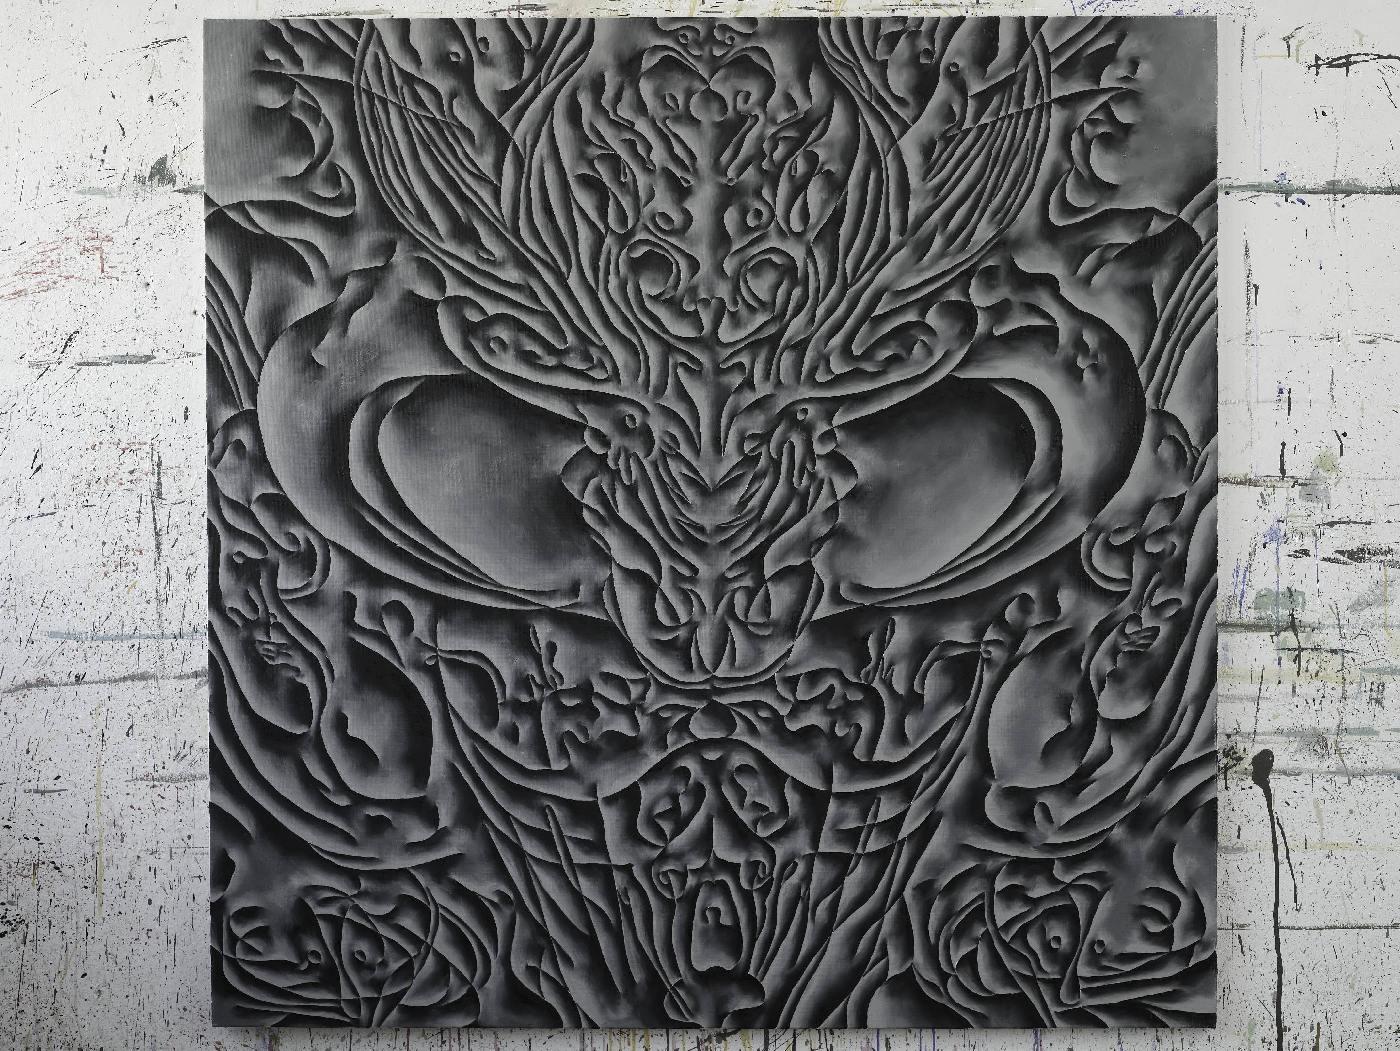 Mira, ulei pe panza, 07-2012, 140x140 cm